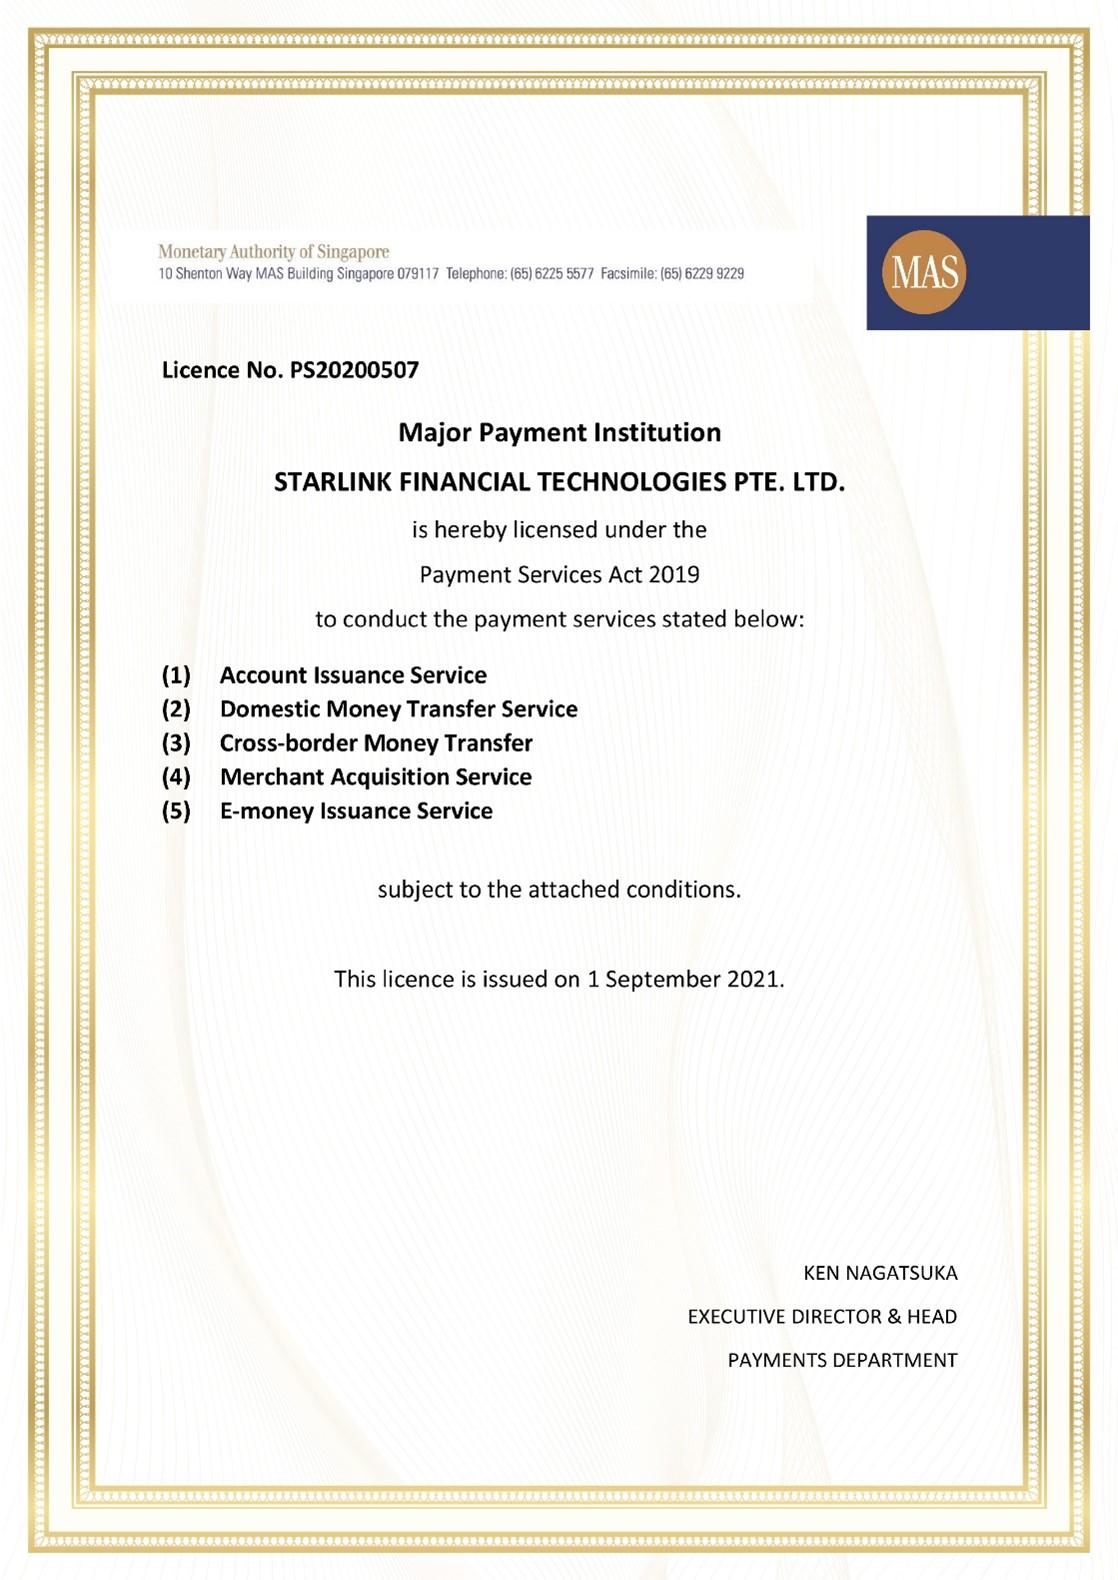 连连数字子公司获新加坡大型支付机构牌照